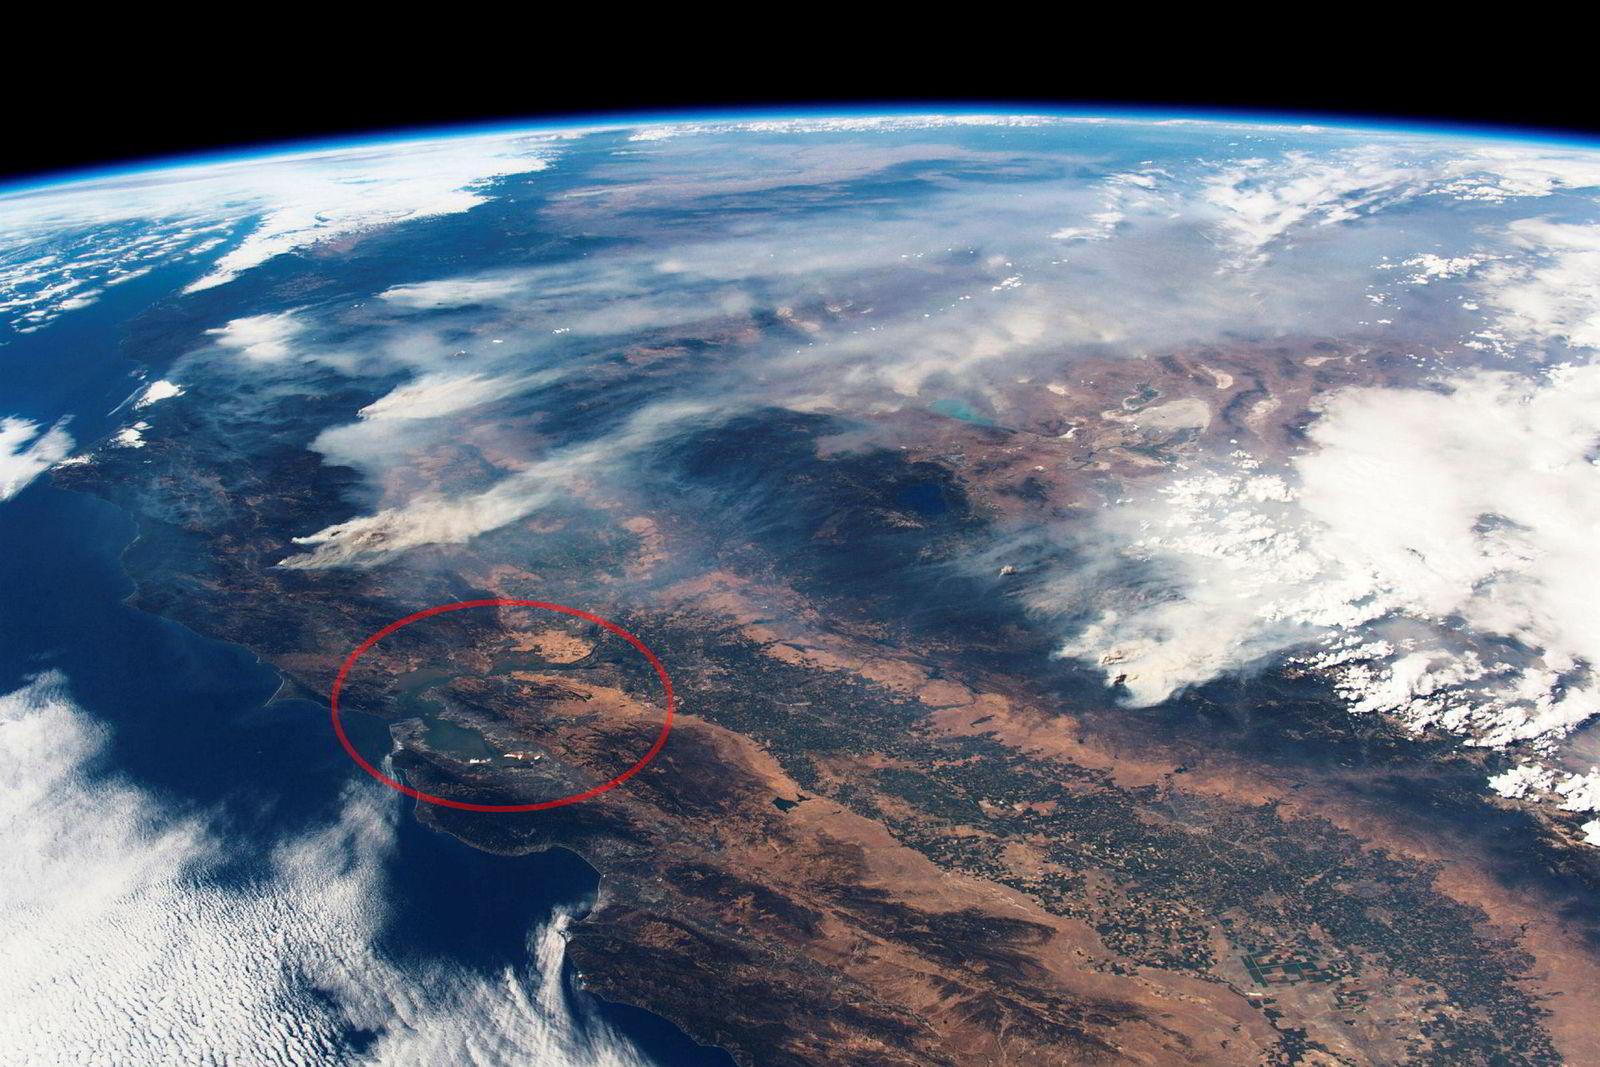 Dette bildet fra den europeiske romfartsorganisasjonen (Esa) viser California sett fra den internasjonale romstasjonen 2. august. Ringet rundt er byen San Francisco, med branner i både nord og øst. Det brenner hovedsakelig i ubebodd terreng, men ukontrollert spredning grunnet varme vinder og stadig flere småbranner truer delstatens mindre byer.